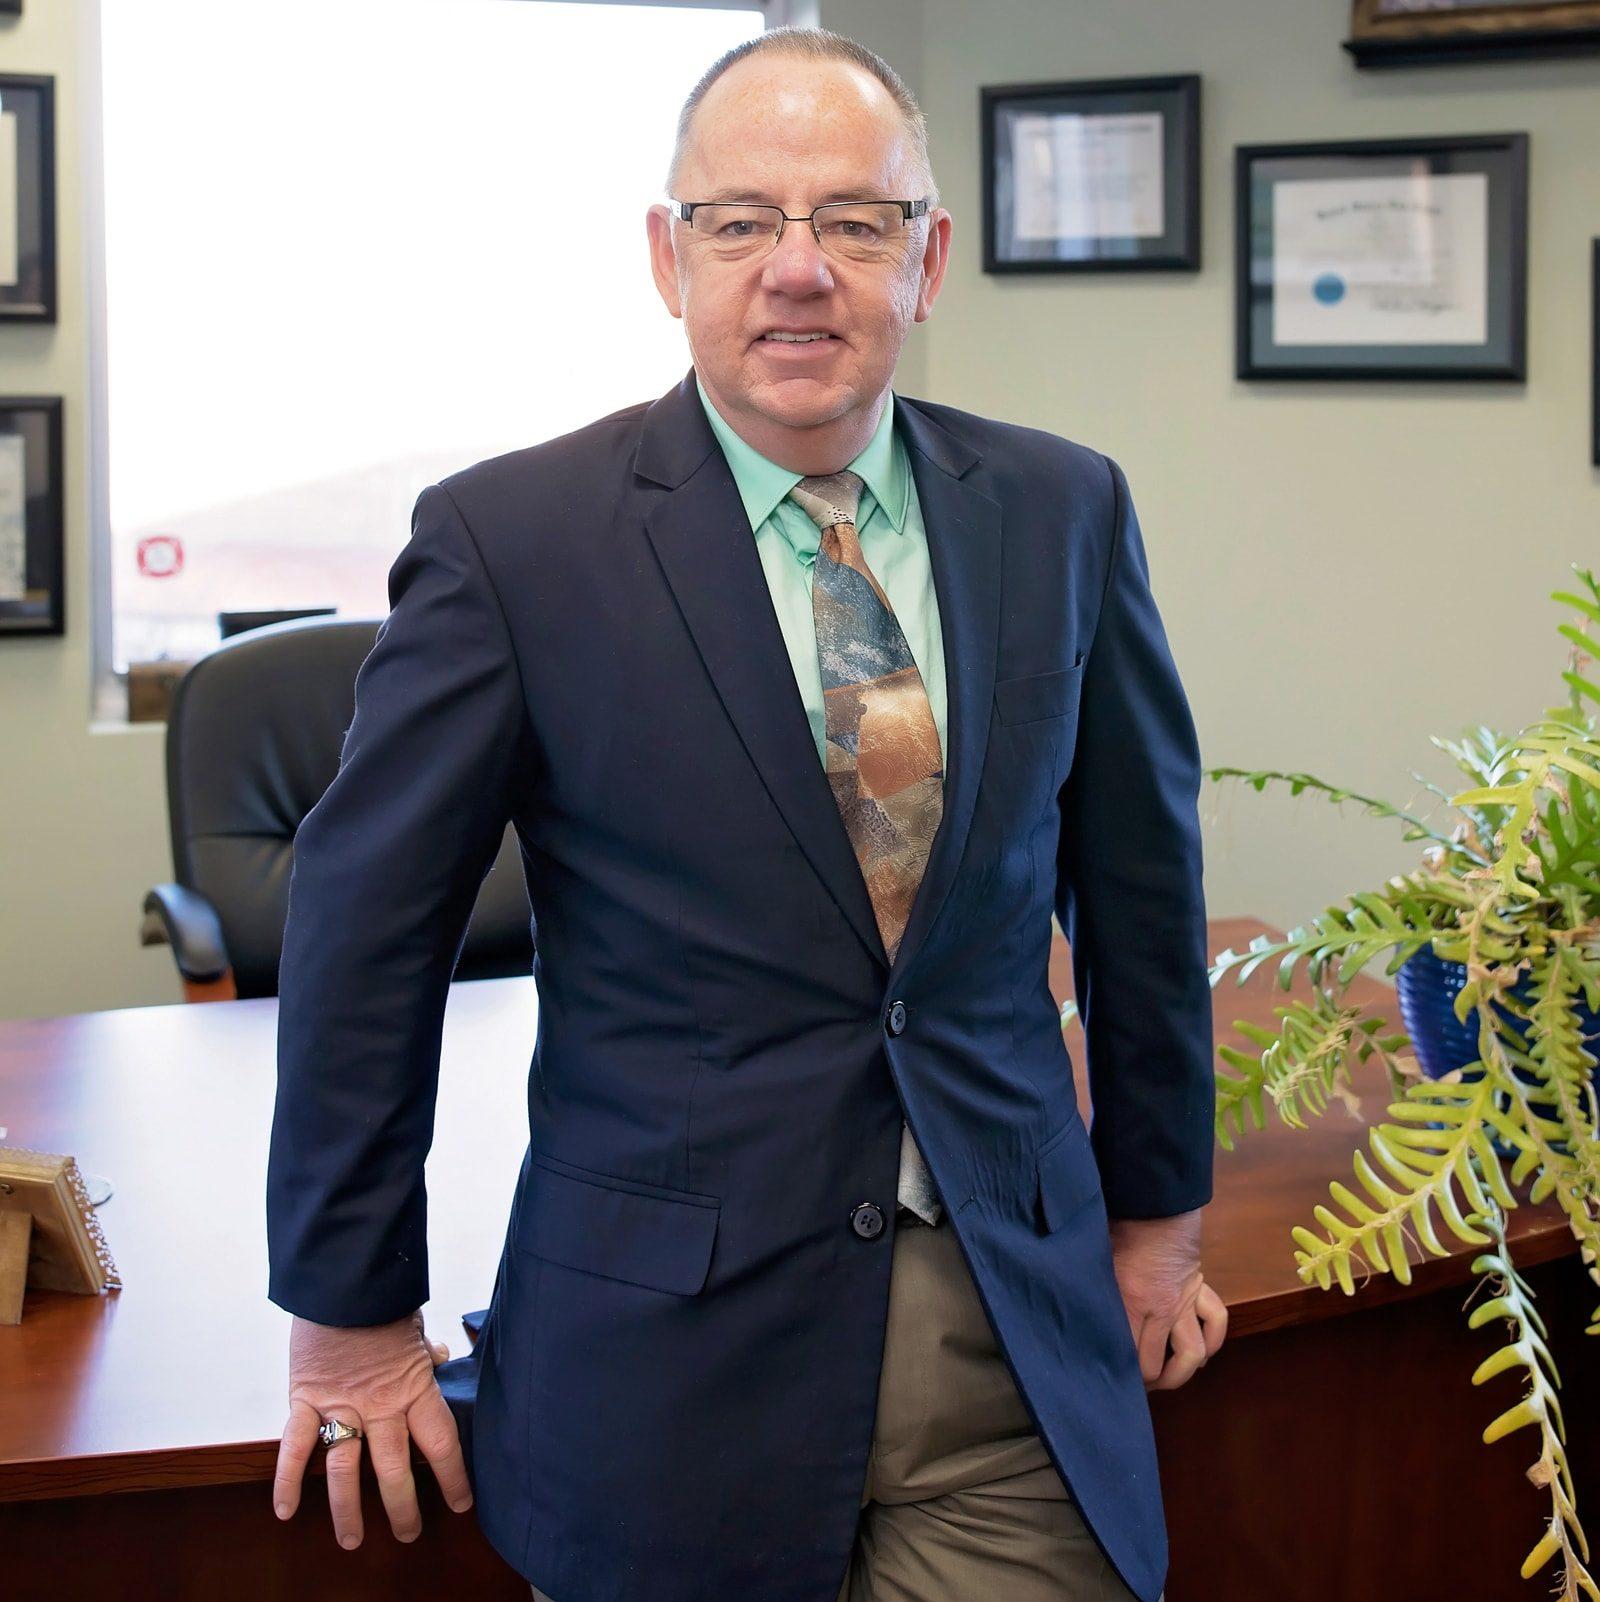 Andrew M. Larson